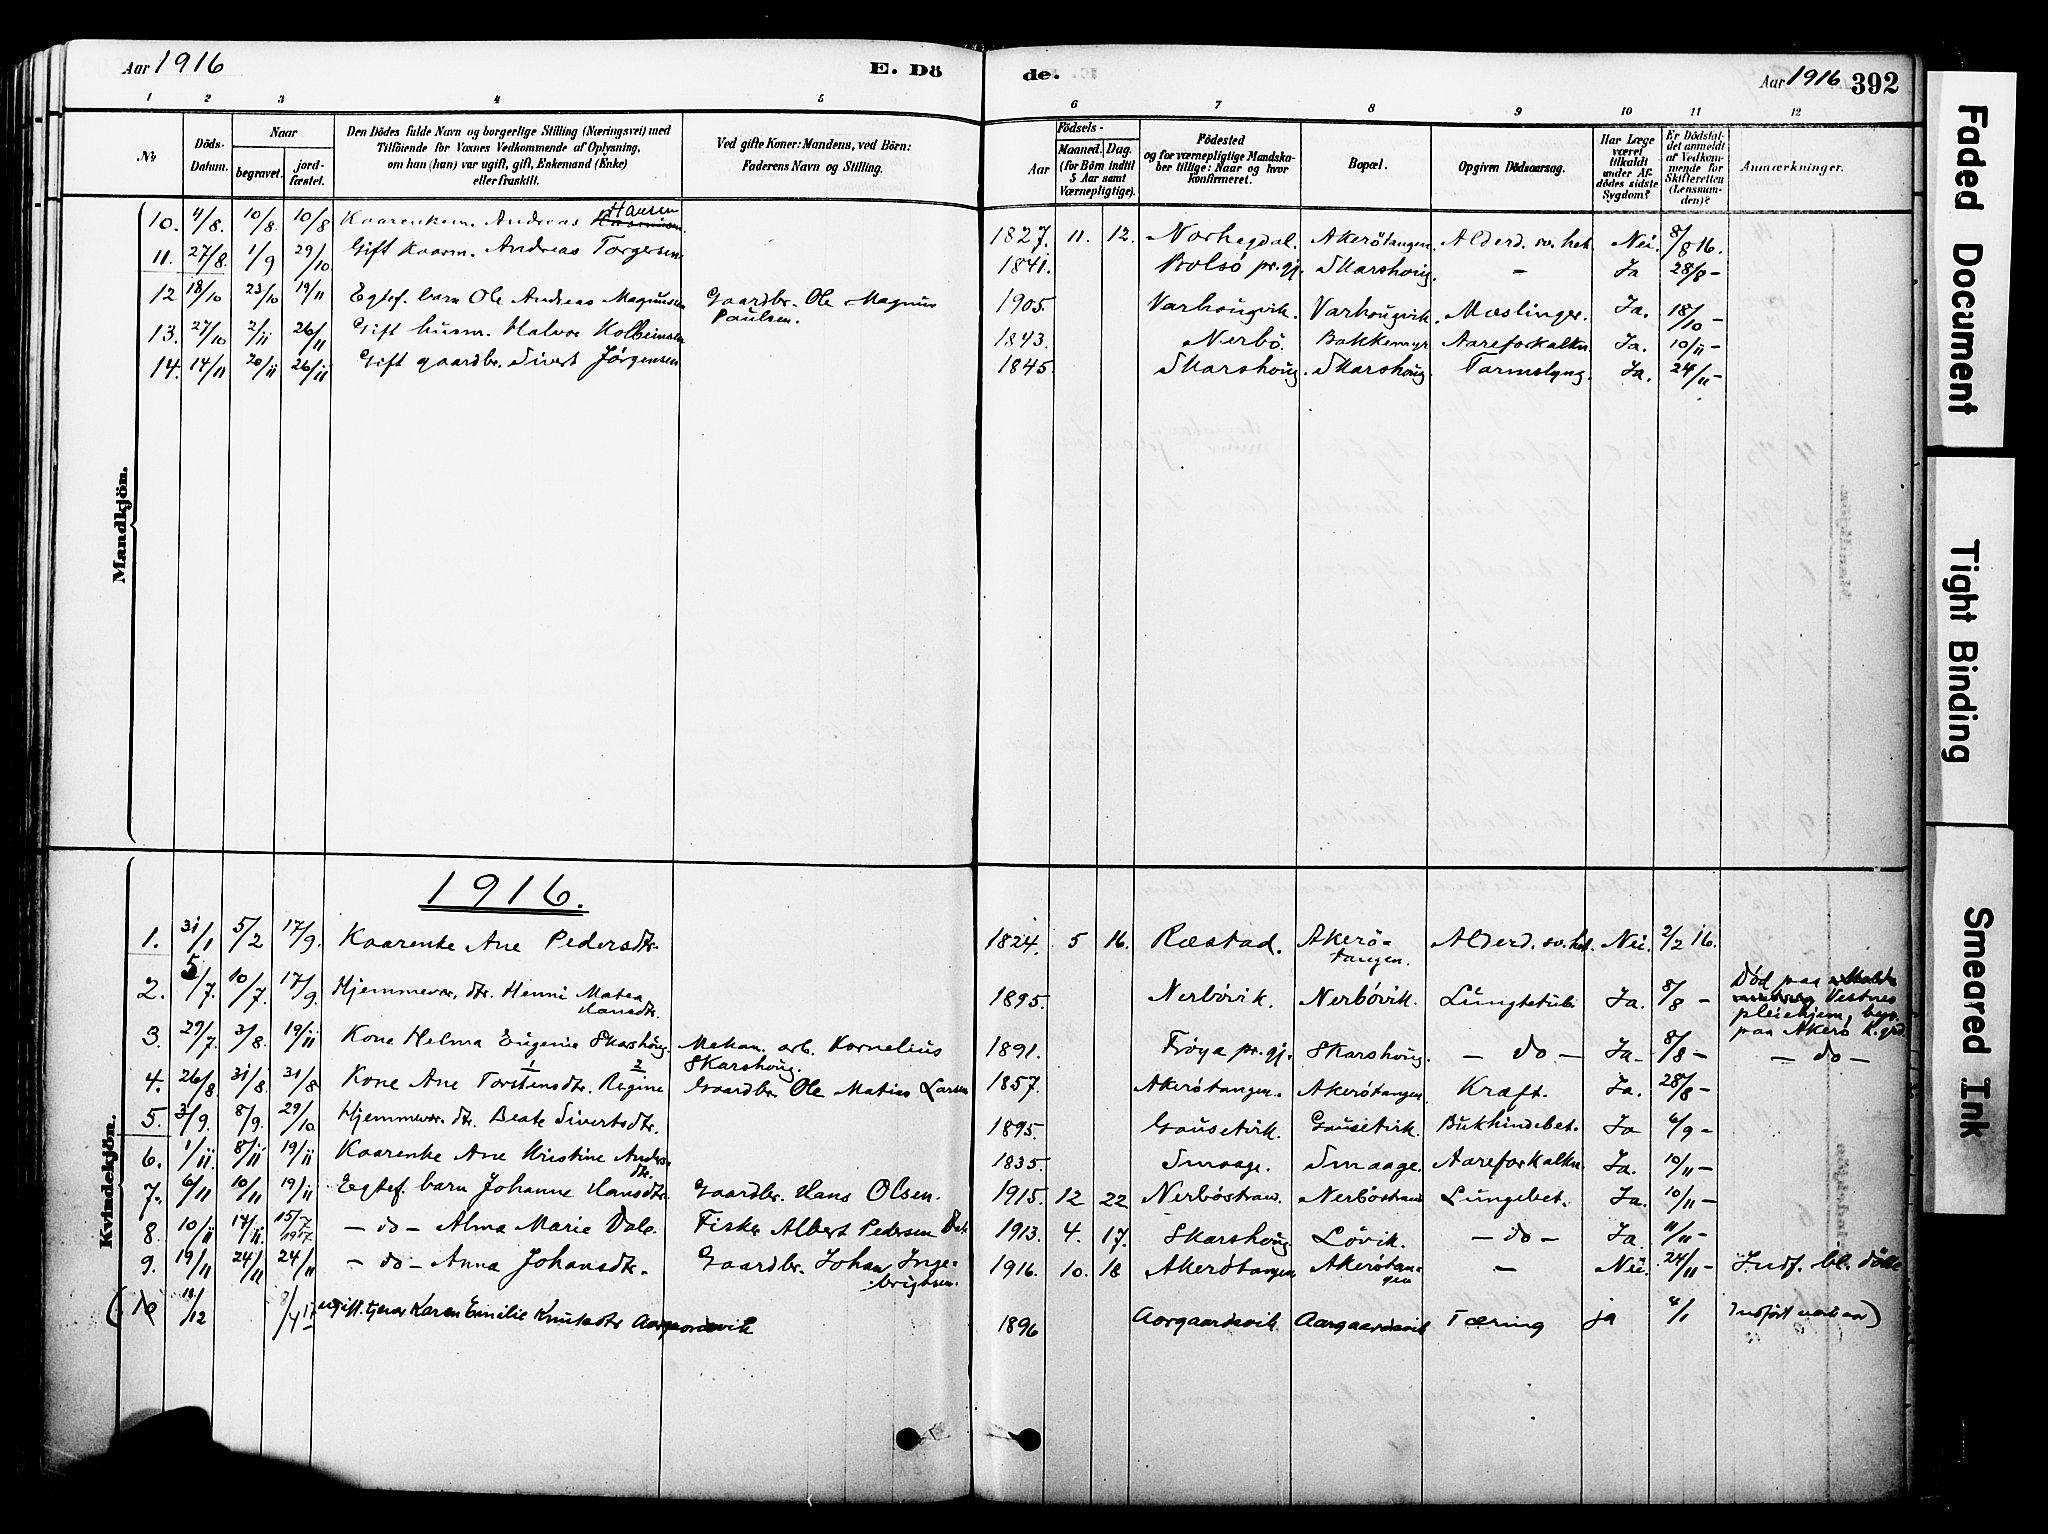 SAT, Ministerialprotokoller, klokkerbøker og fødselsregistre - Møre og Romsdal, 560/L0721: Ministerialbok nr. 560A05, 1878-1917, s. 392